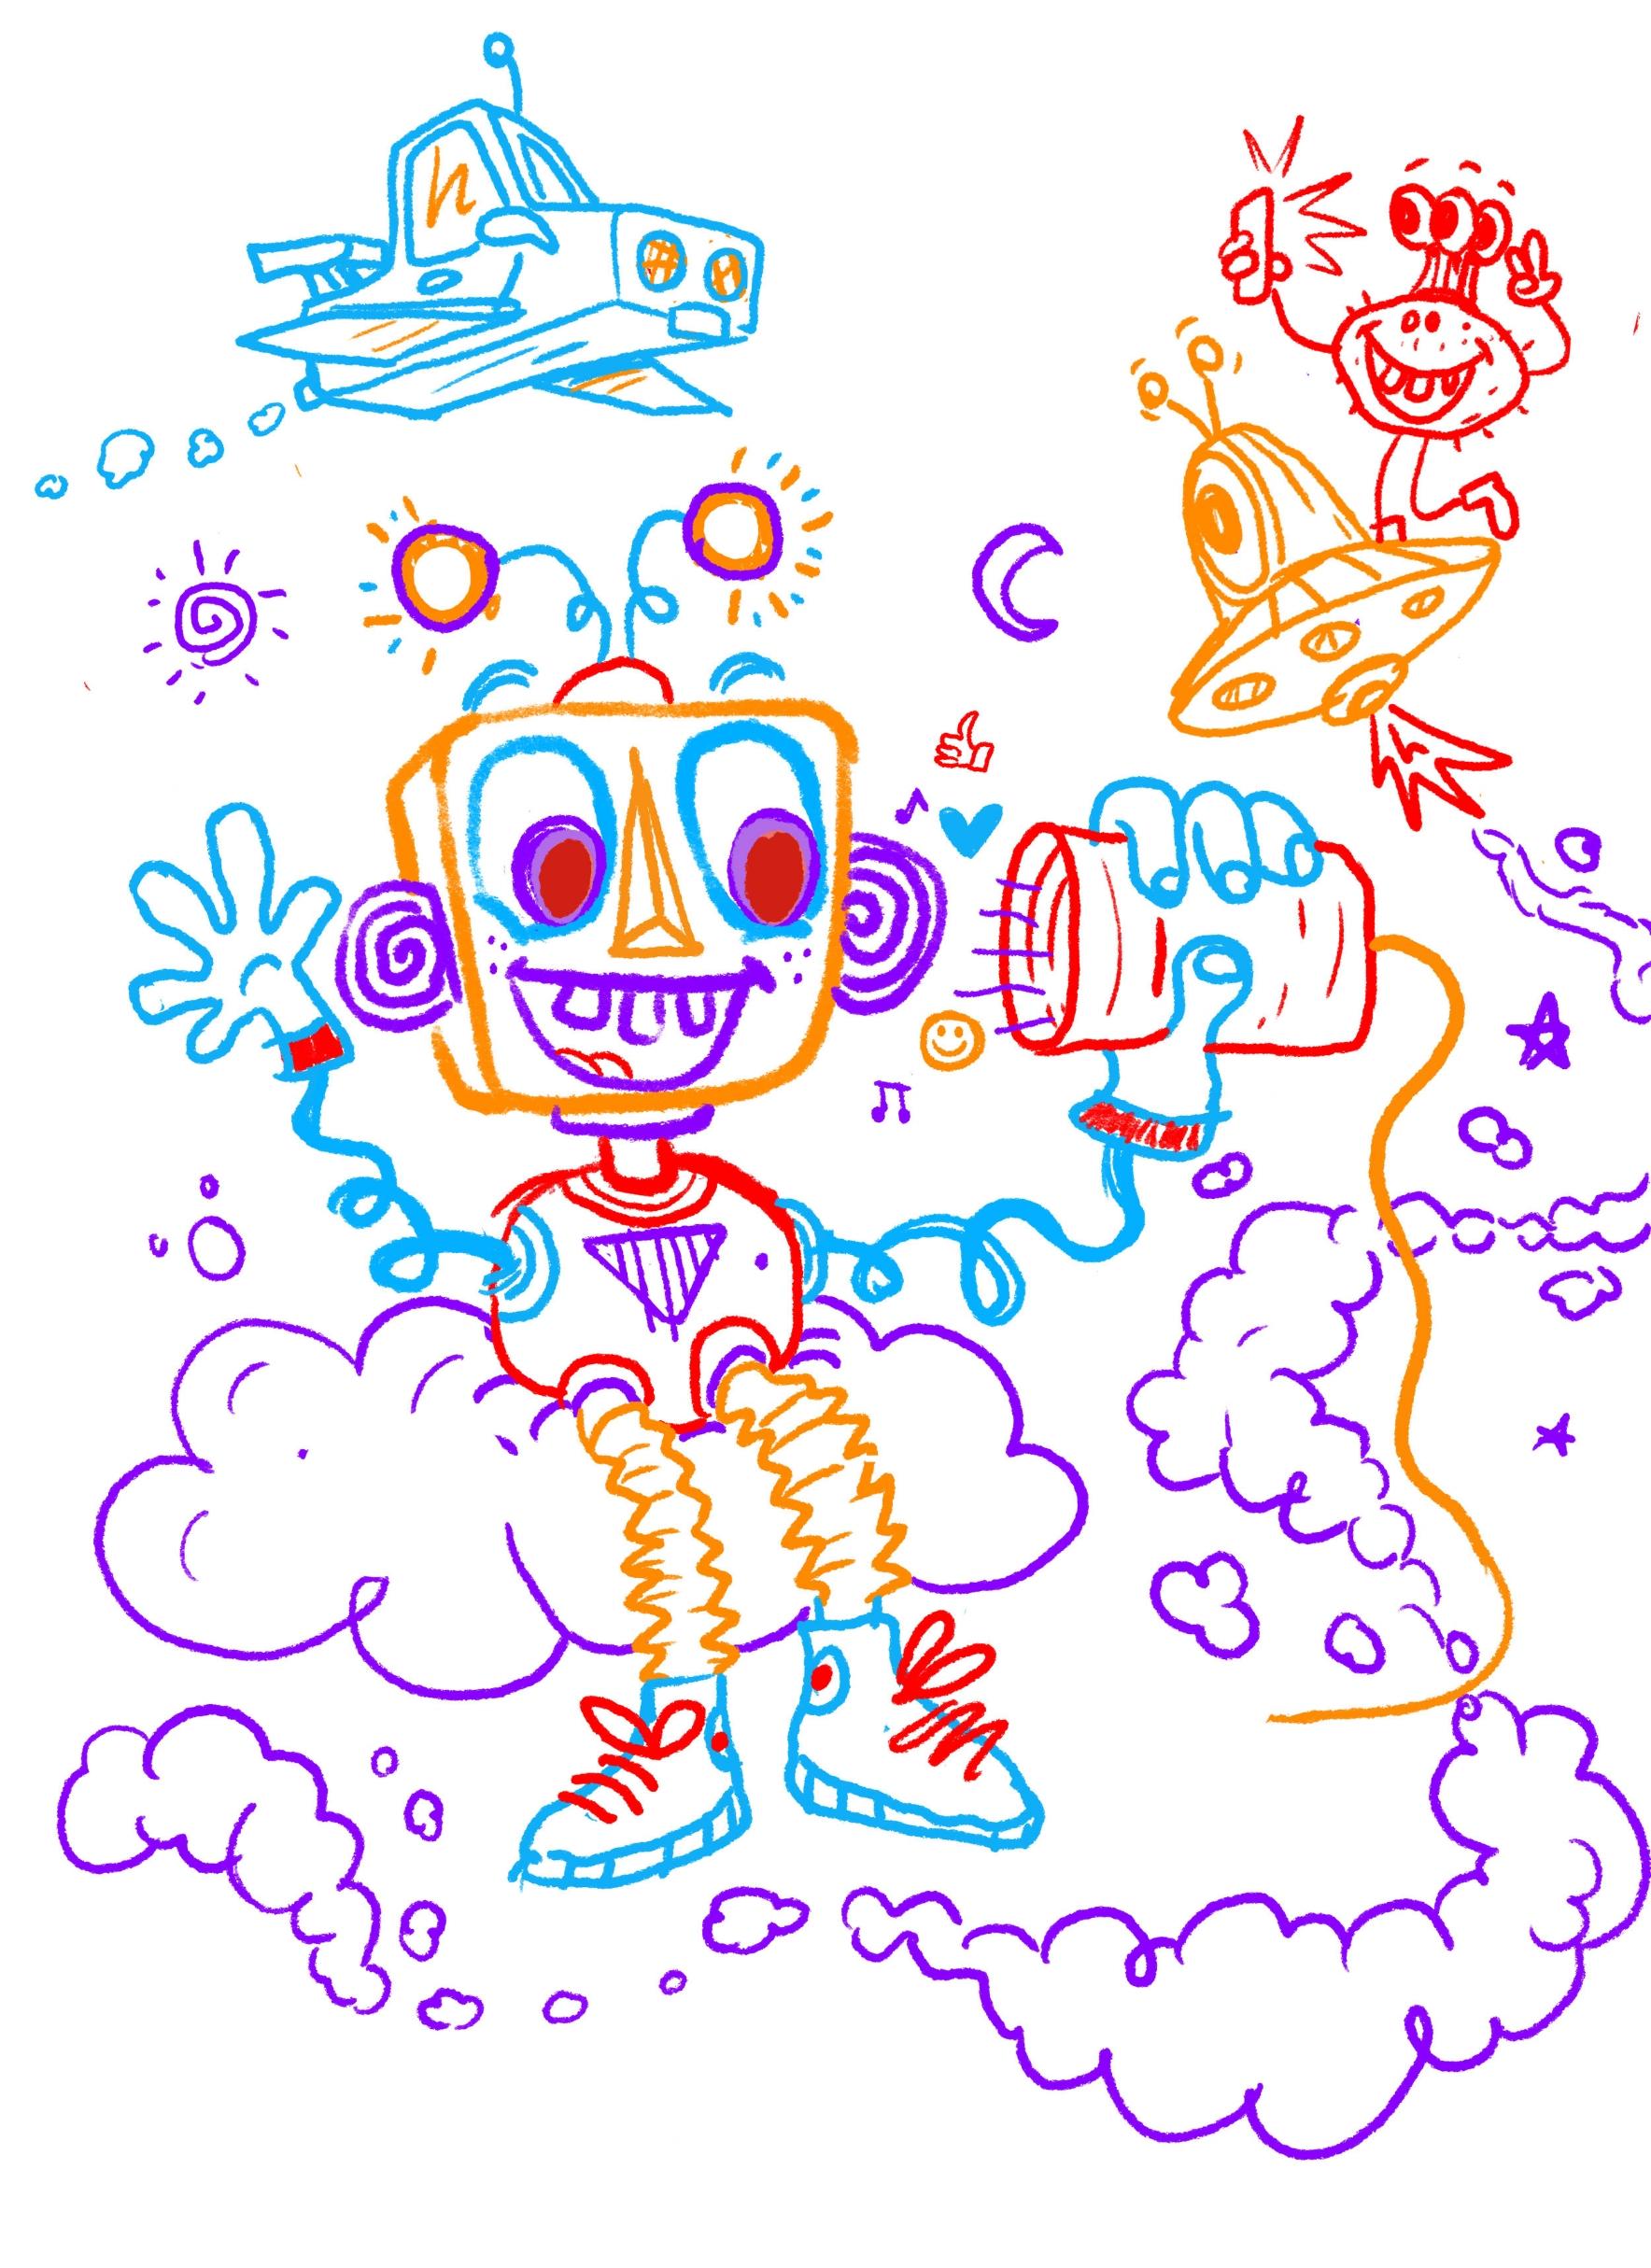 netzderzukunft_scribble_v10.jpg